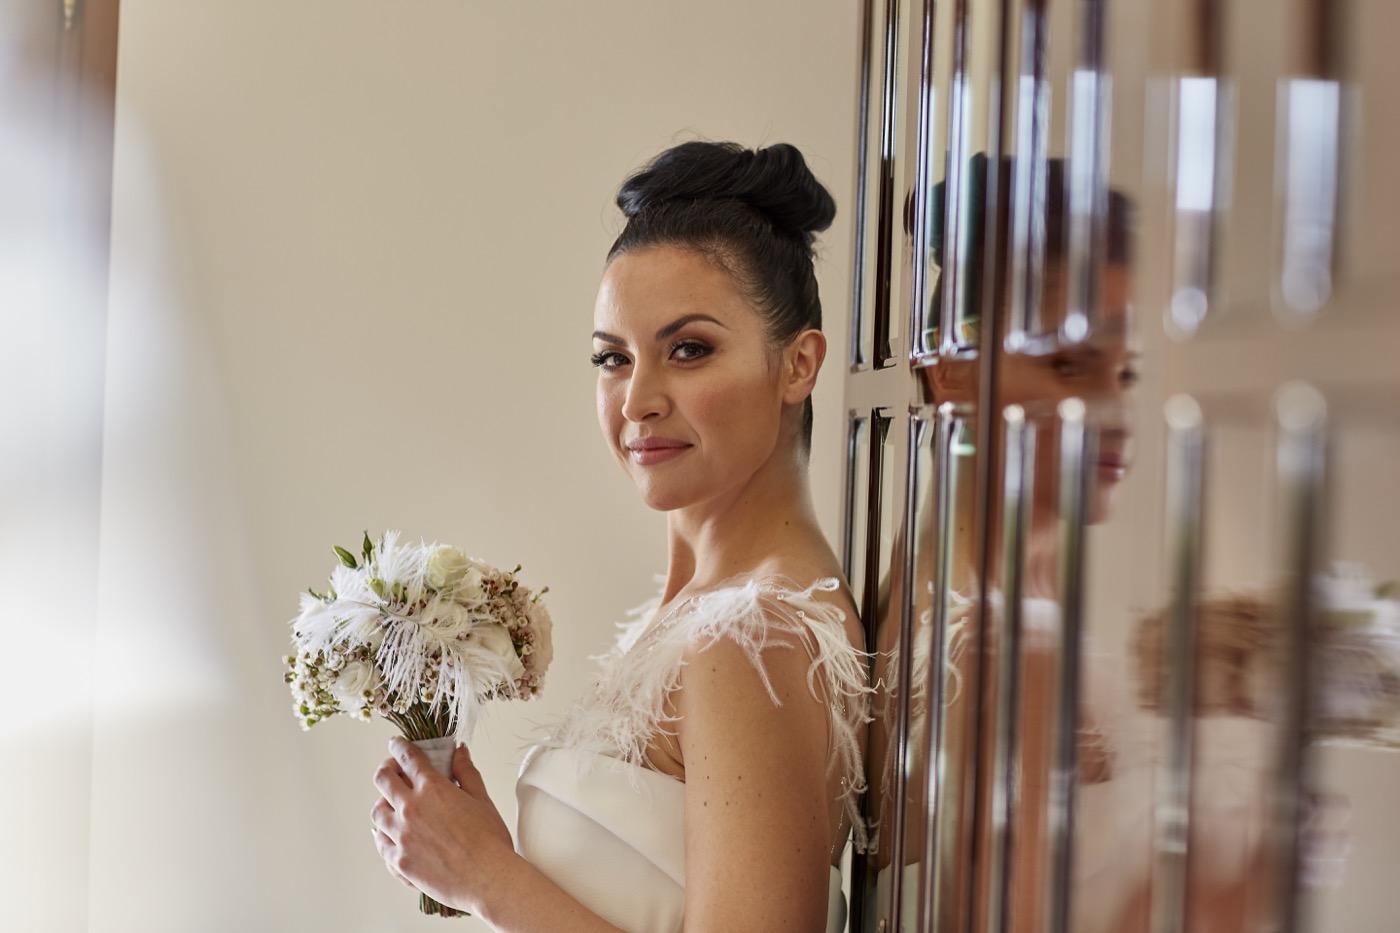 Claudio-Coppola-wedding-photographer-villa-del-cardinale-rocca-di-papa-castel-gandolfo-22